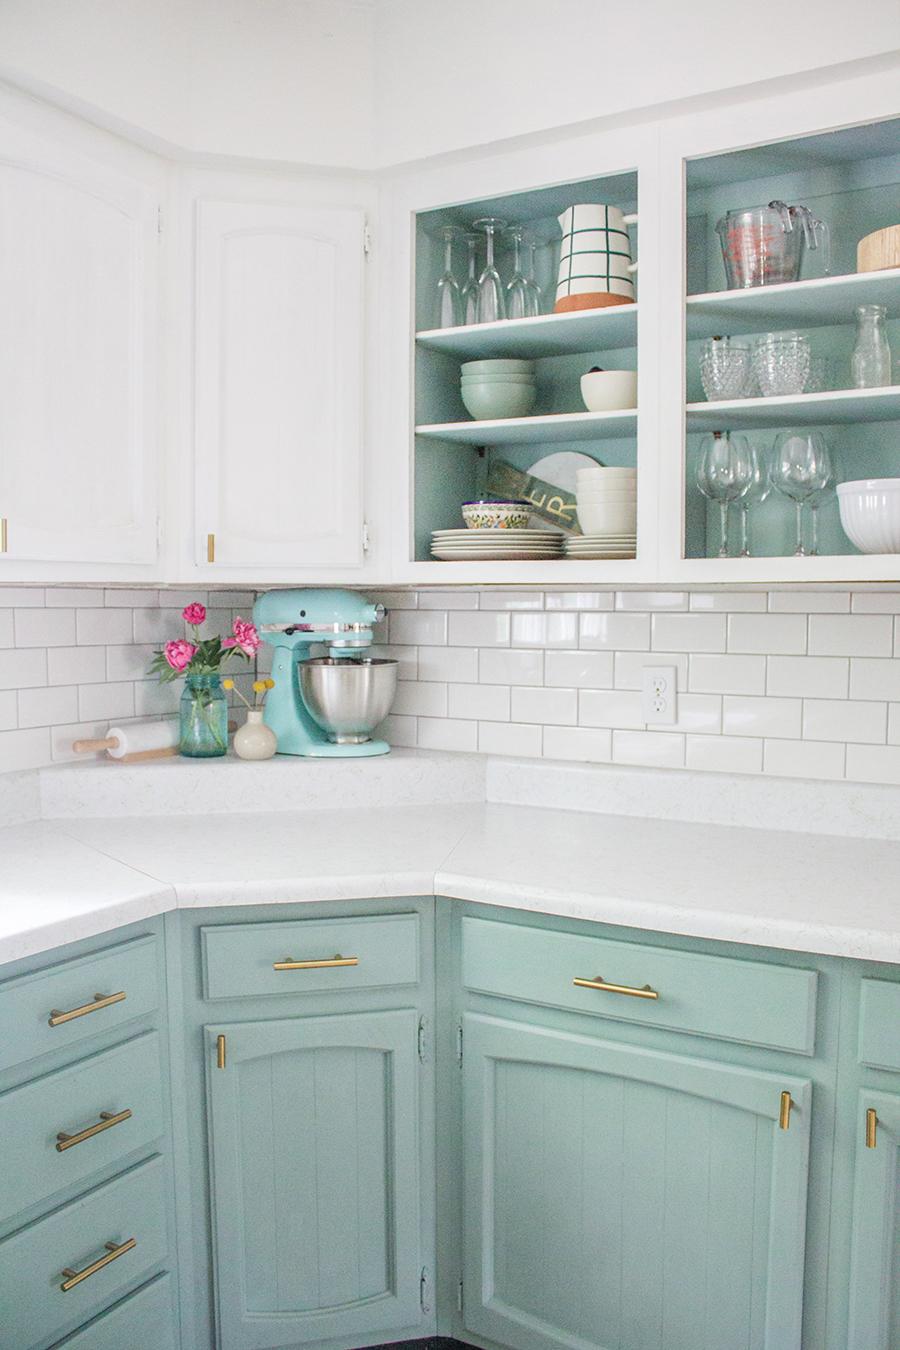 Una cocina en que el meble y el fondo de las vitrinas están pintados del mismo color turquesa pastel.